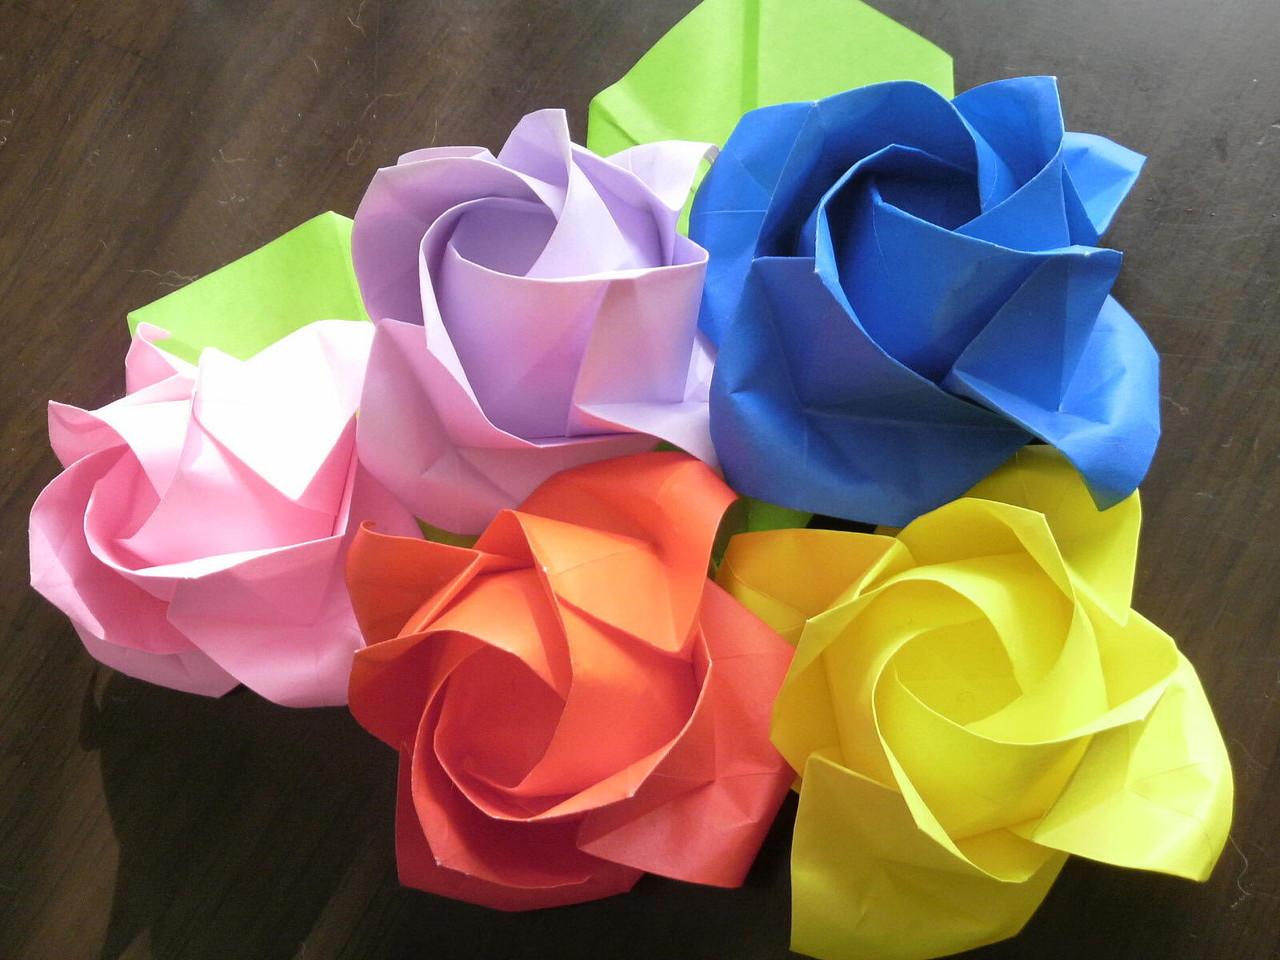 すべての折り紙 折り紙 バラの花束 : ウェディングプランナーミュウ ...